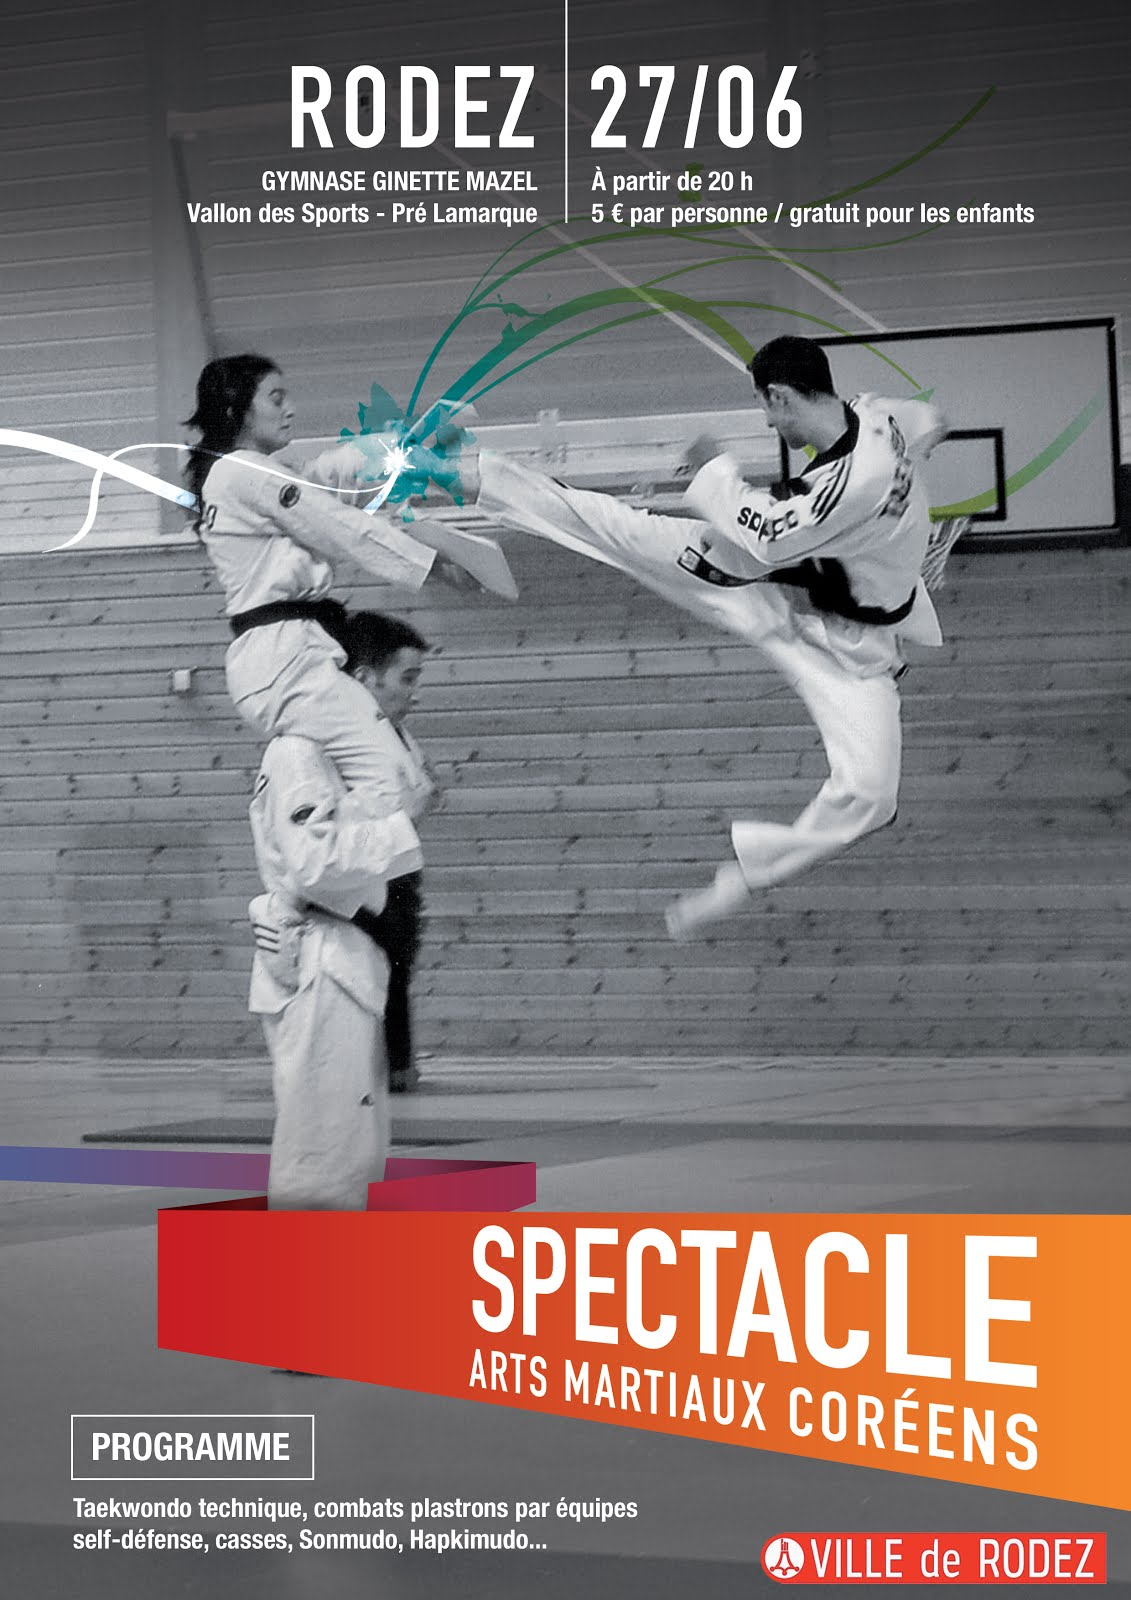 Spectacles Arts Martiaux Coréens le 27 Juin